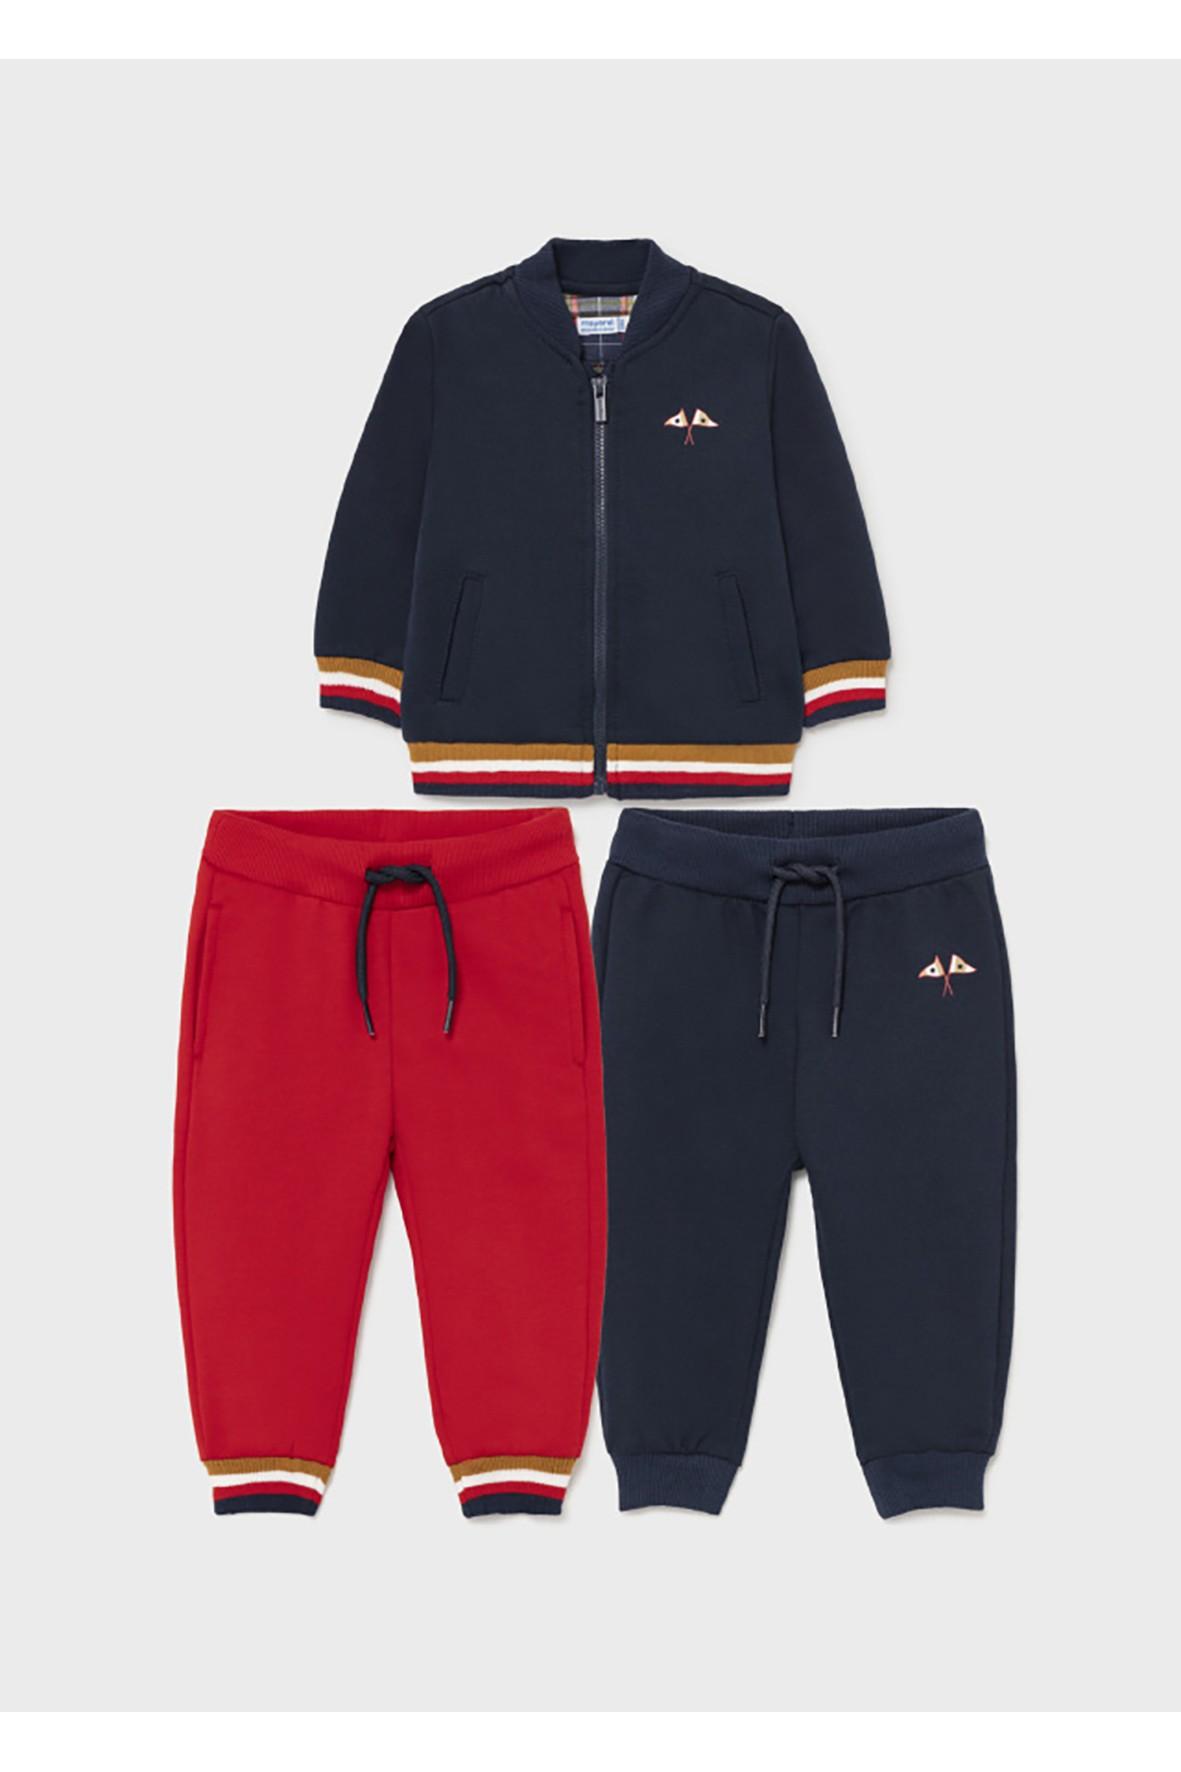 Zestaw dresowy dla chłopca - bluza z nadrukiem i 2 x spodnie dresowe